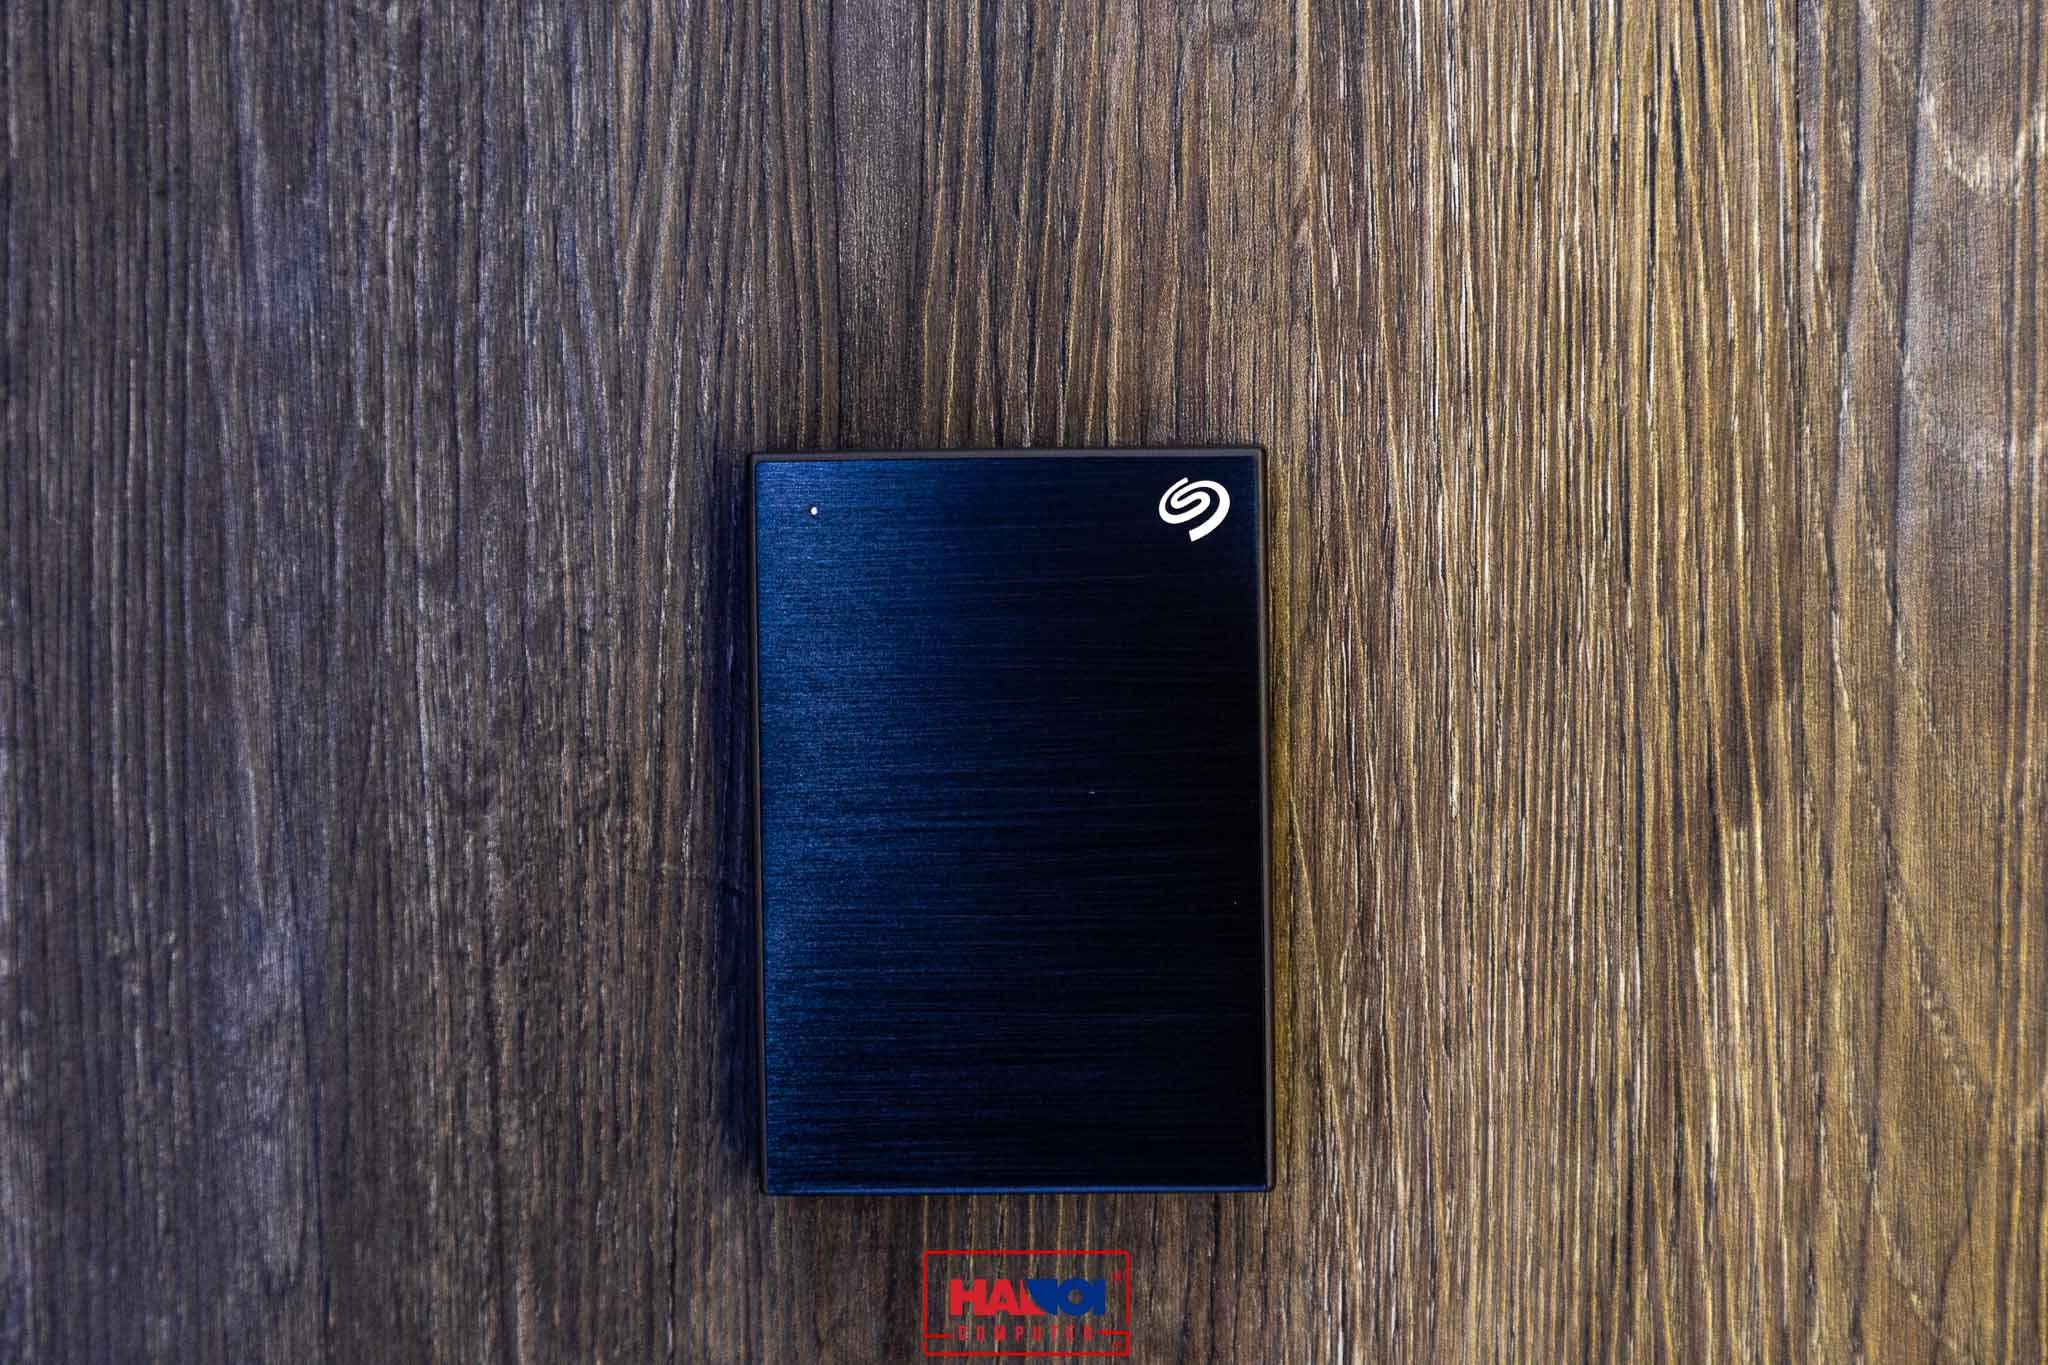 Ổ Cứng Di Động 5TB 2.5 inch Seagate Backup Plus Portable - STHP5000400 - màu đen